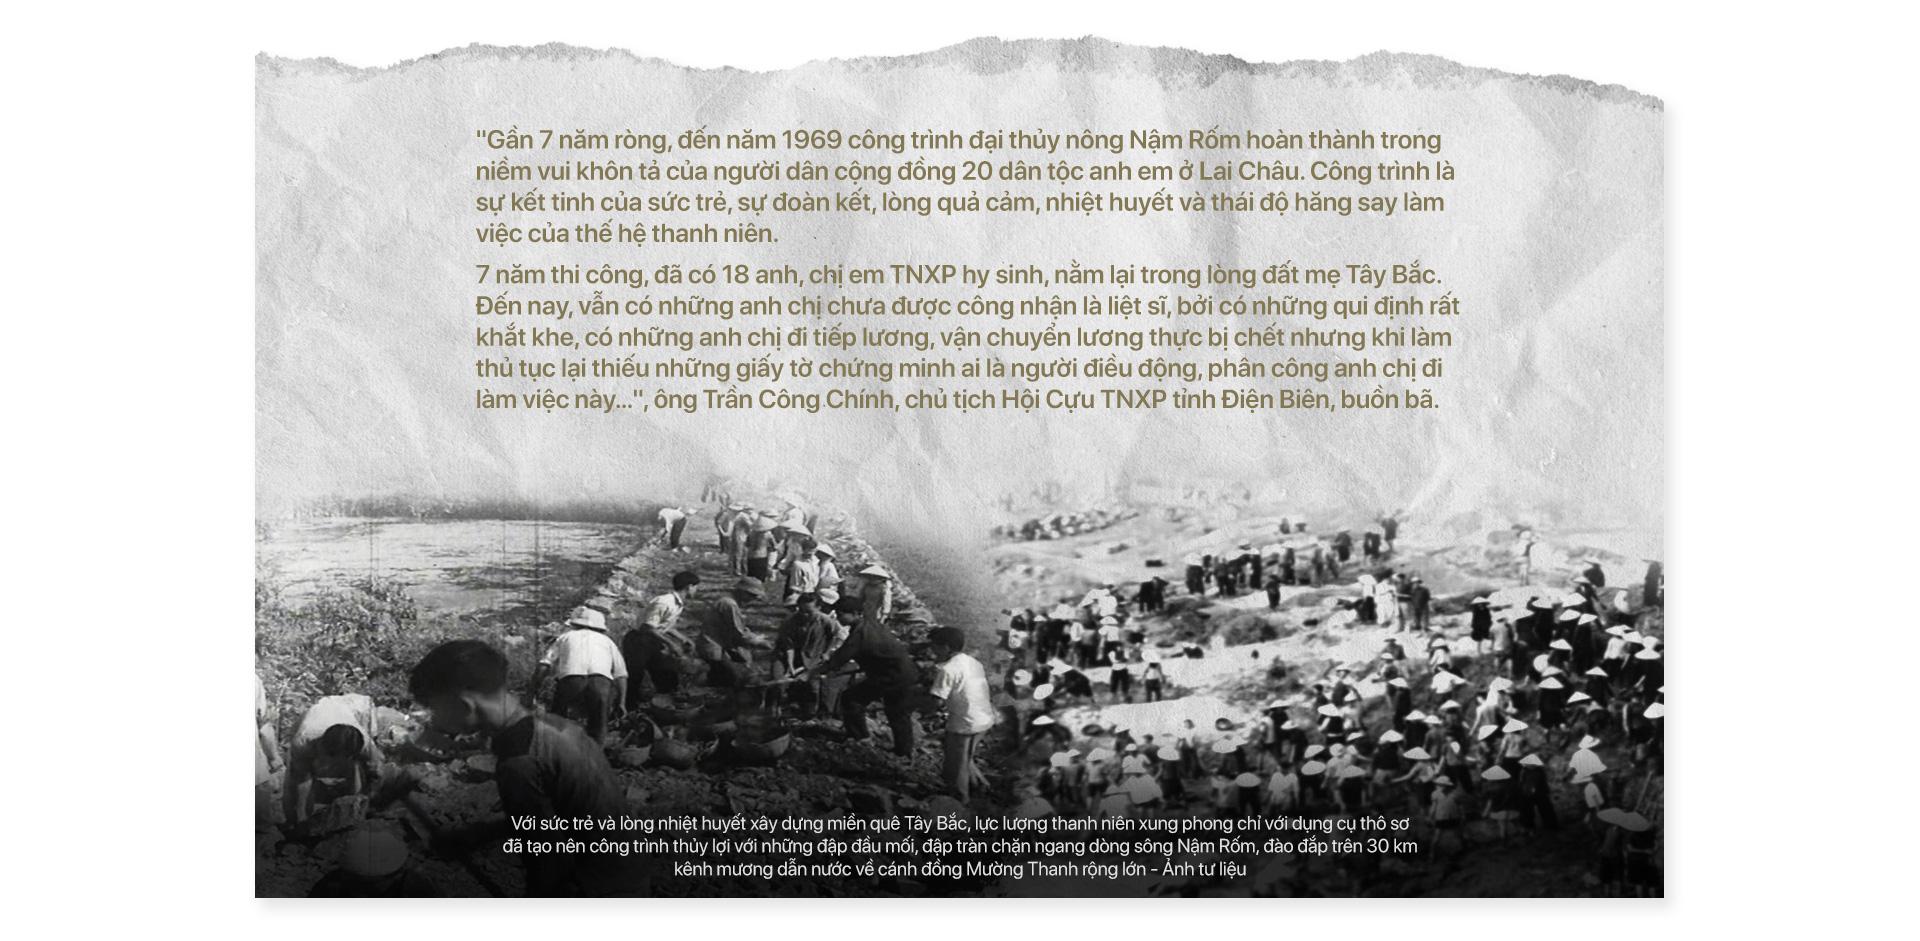 Nậm Rốm - Khúc tráng ca tuổi trẻ ở Điện Biên - Ảnh 4.